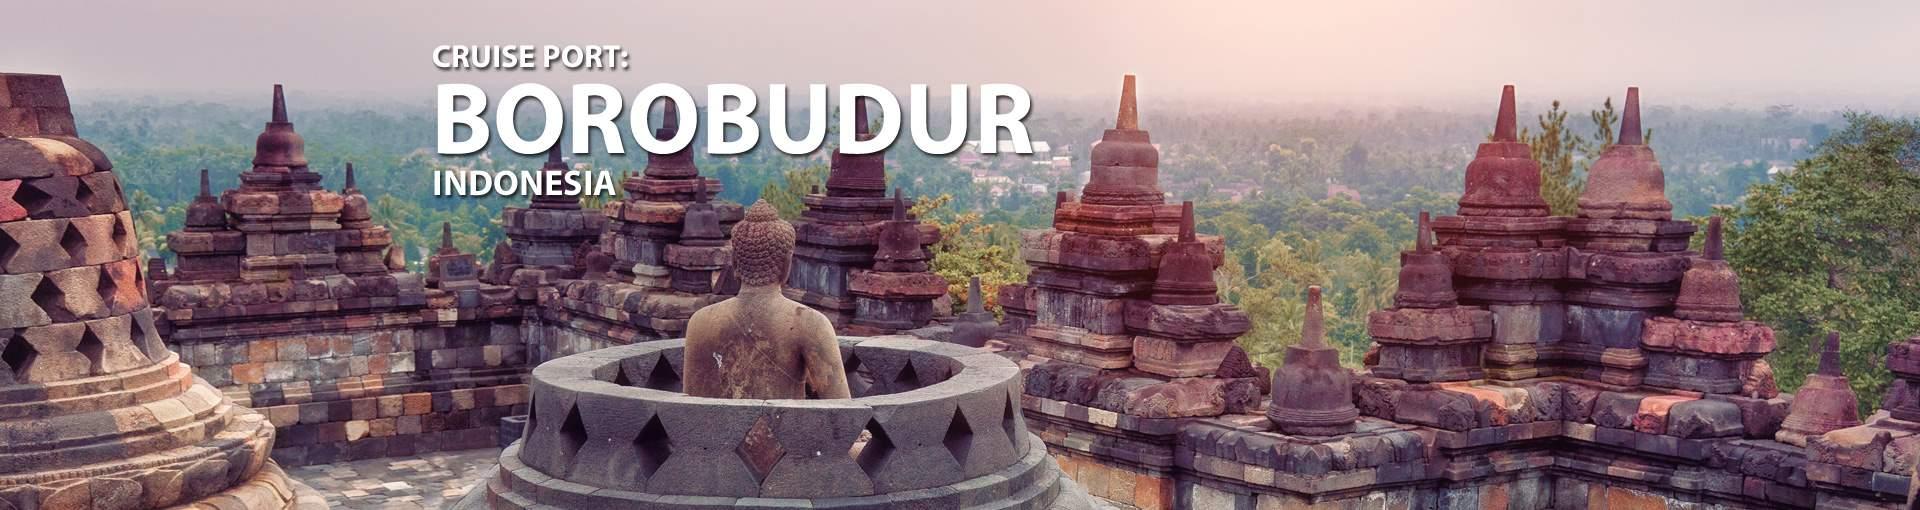 Cruises to Borobudur, Indonesia